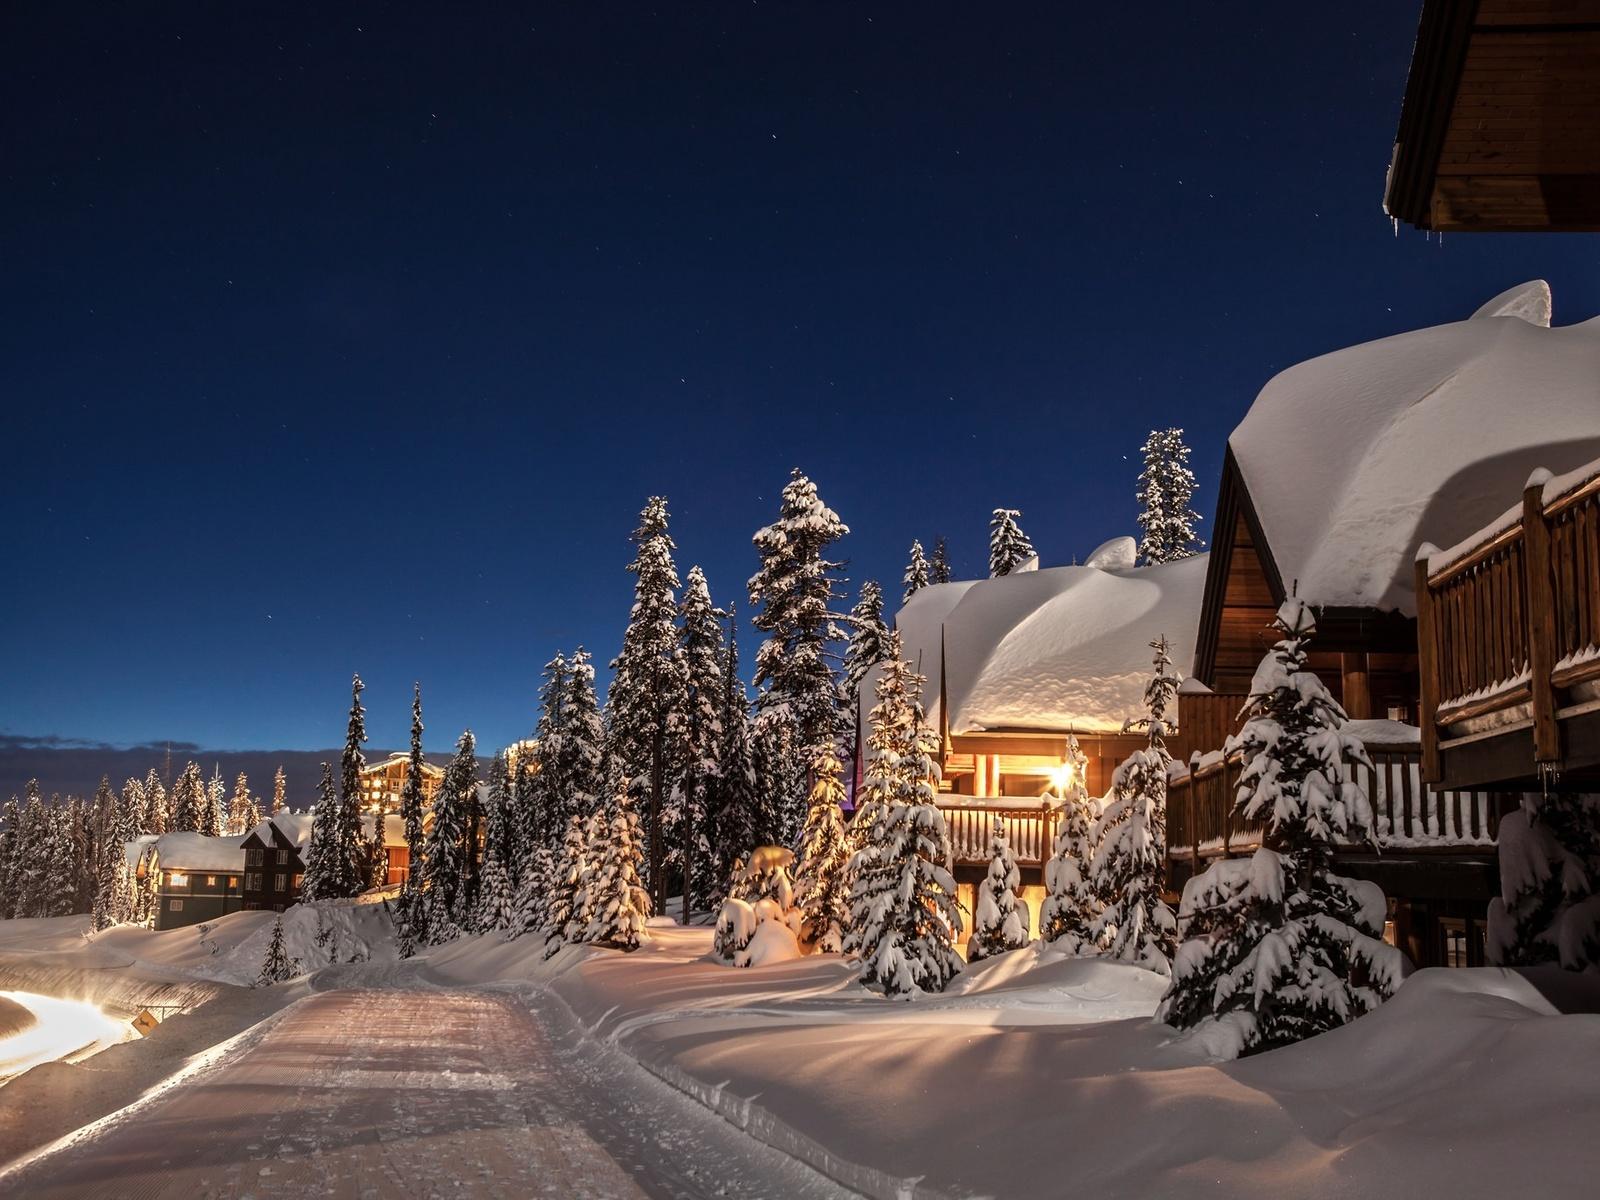 дома, огни, снег, зима, ночь